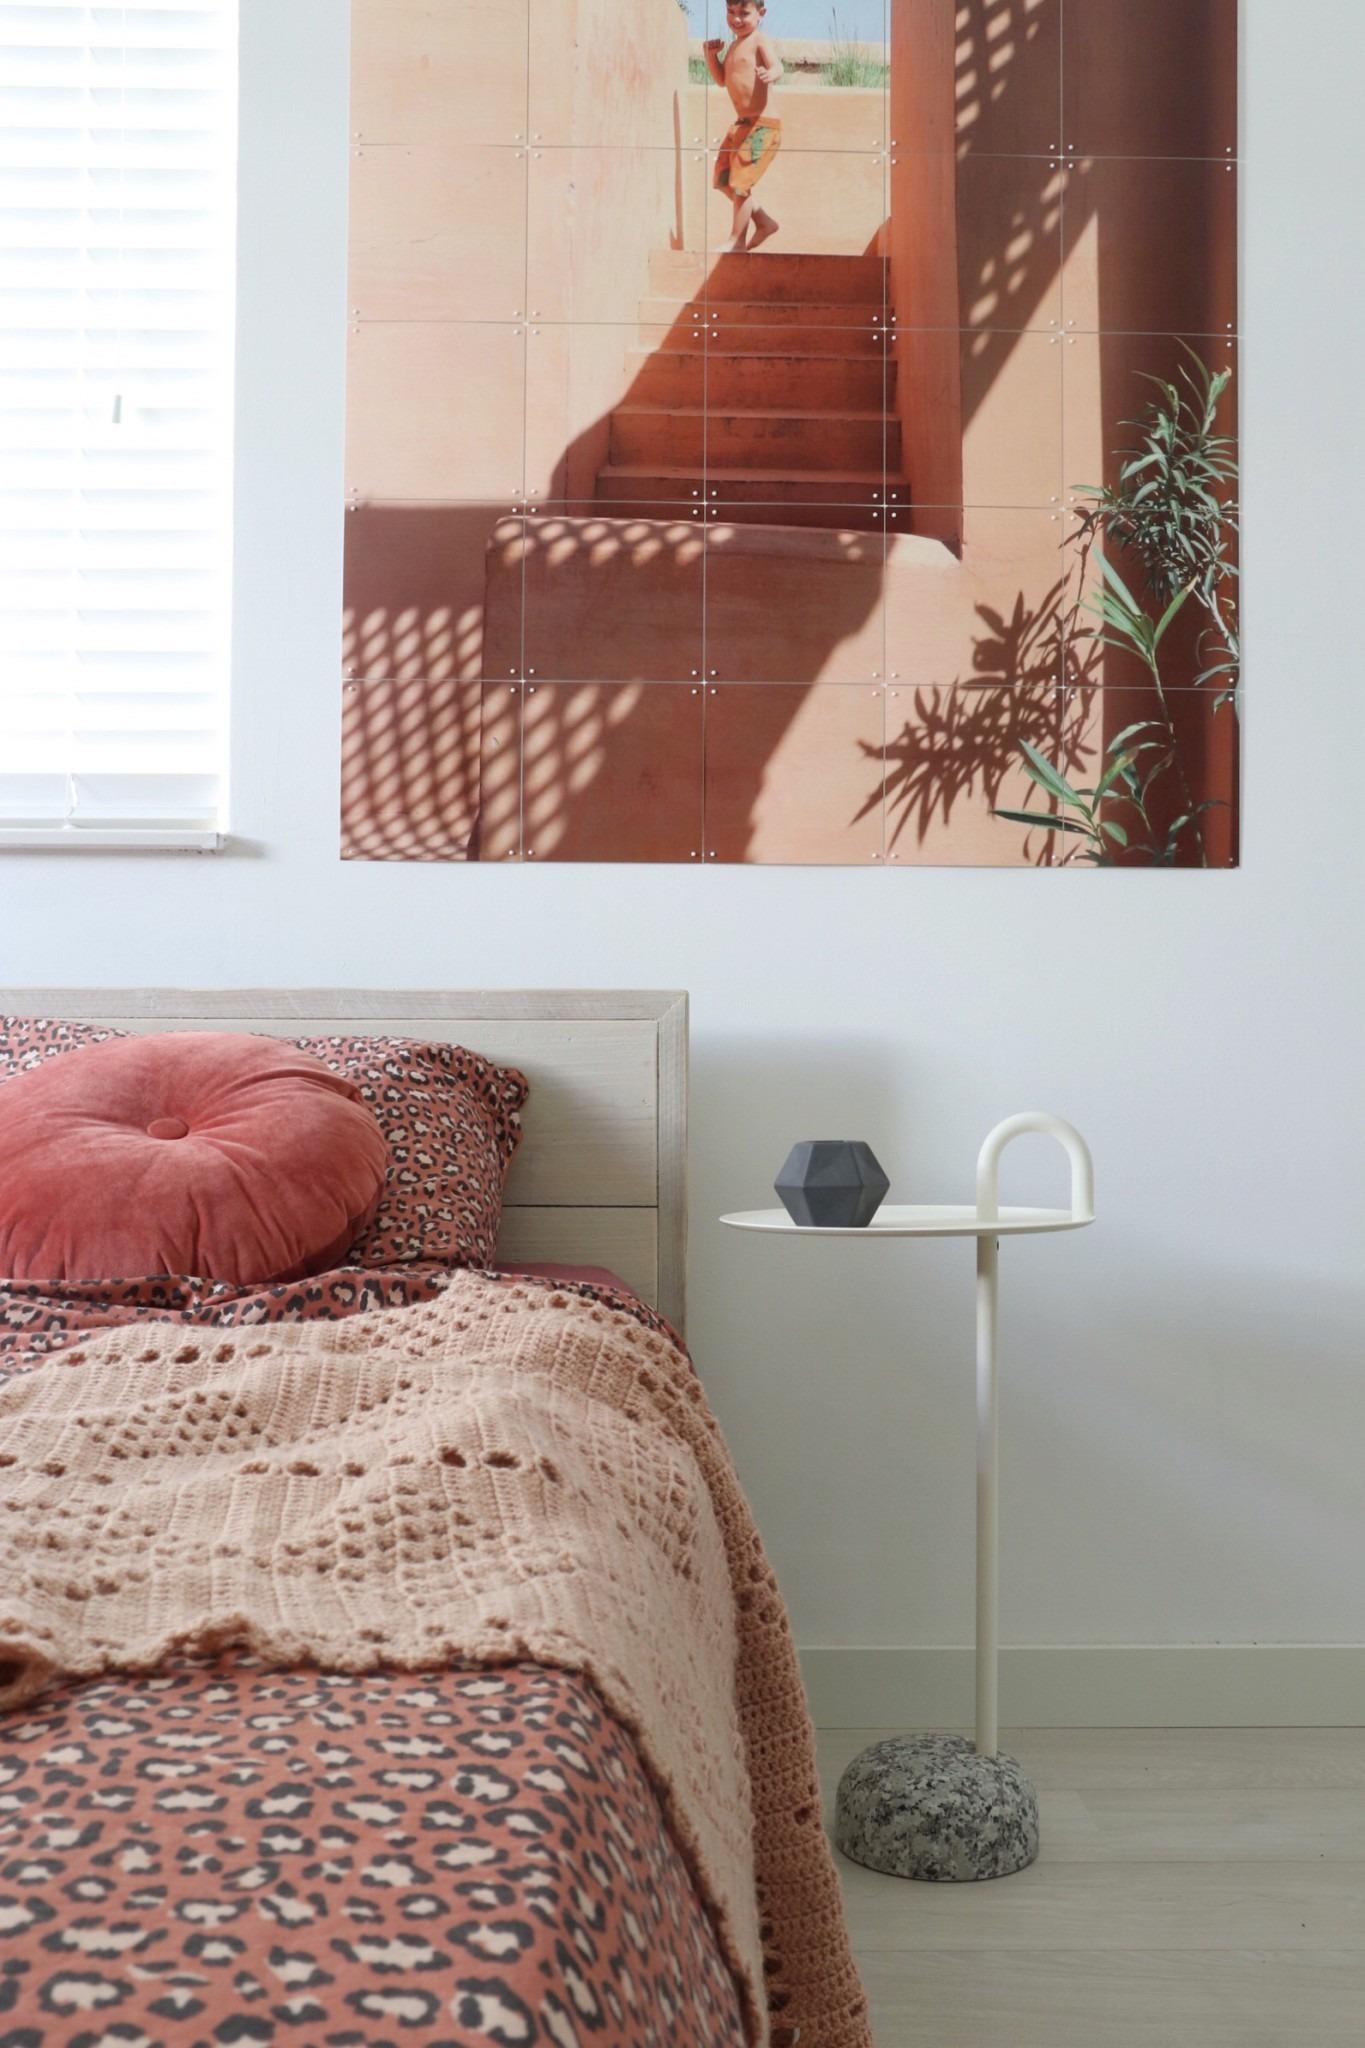 de Bowler bijzettafel van het Scandinavische merk Hay in de slaapkamer bij het bed.